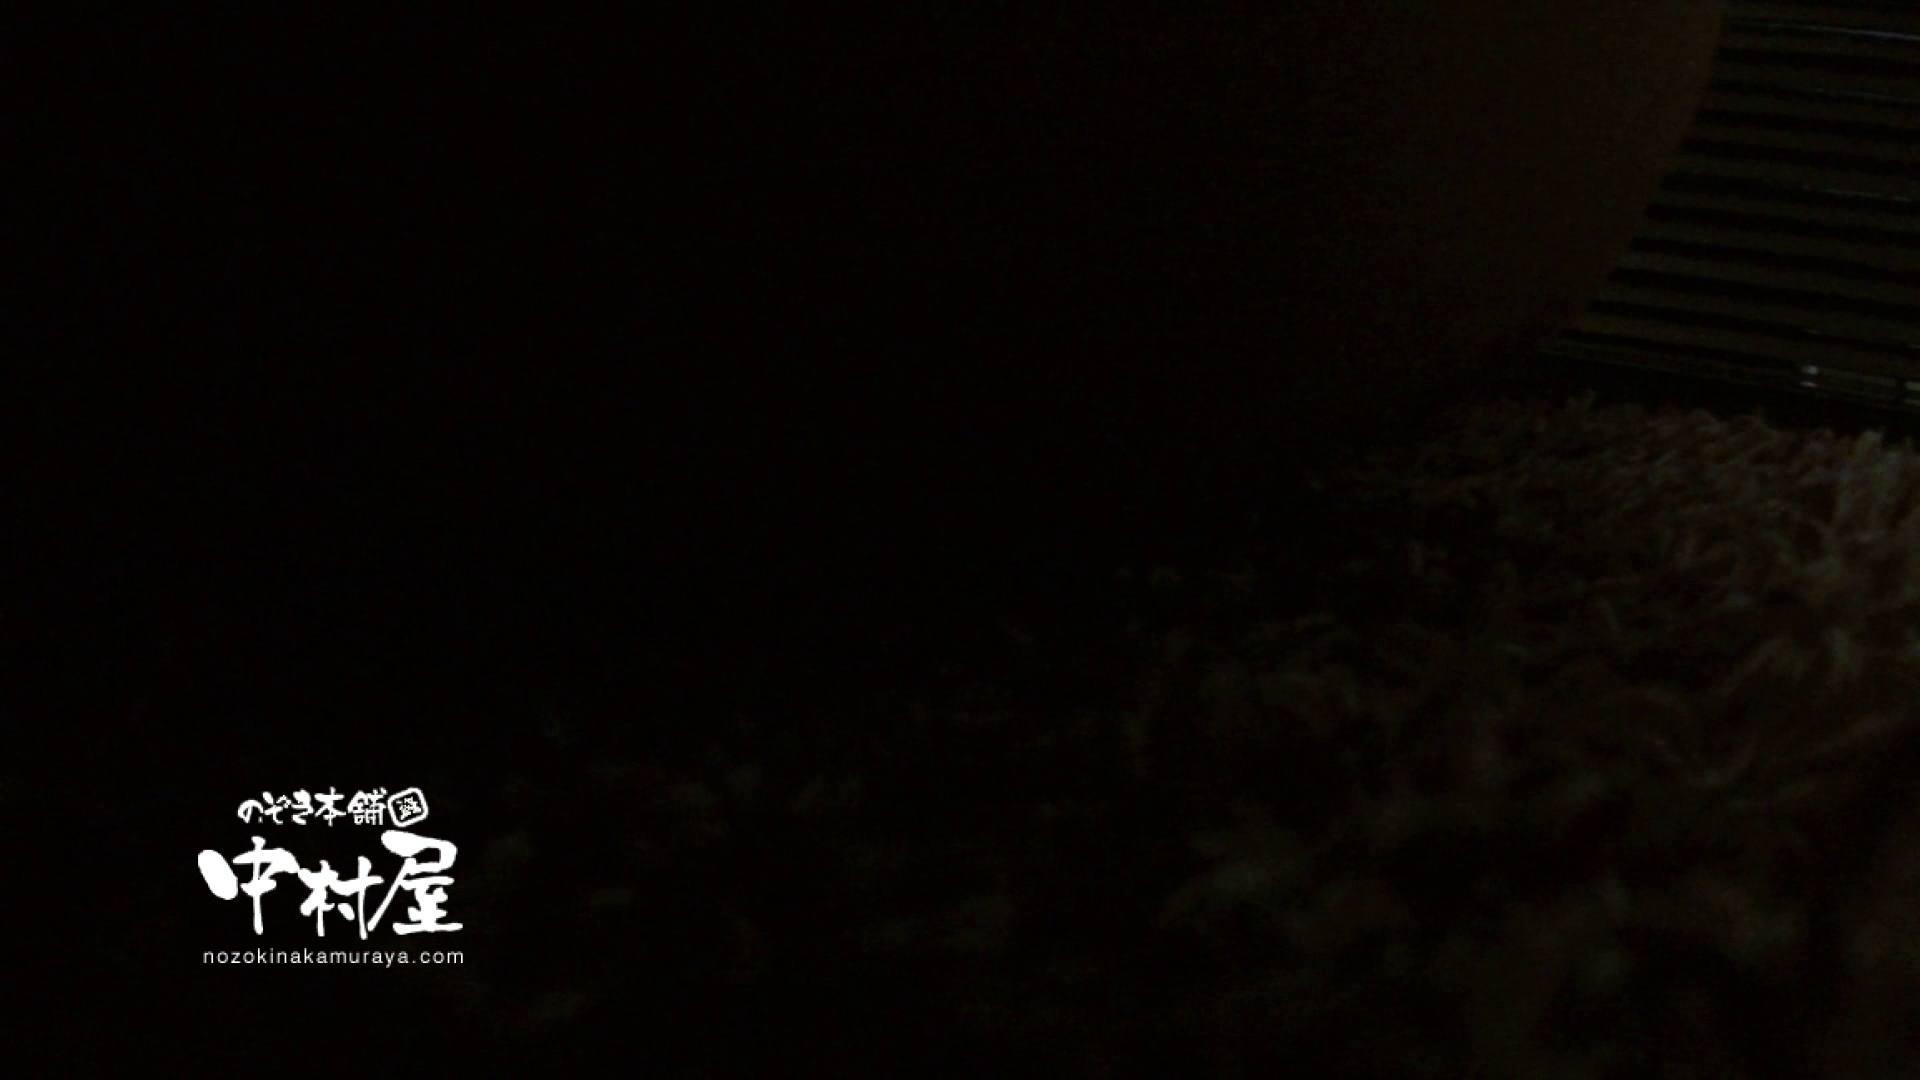 鬼畜 vol.10 あぁ無情…中出しパイパン! 後編 パイパン おまんこ無修正動画無料 47連発 22